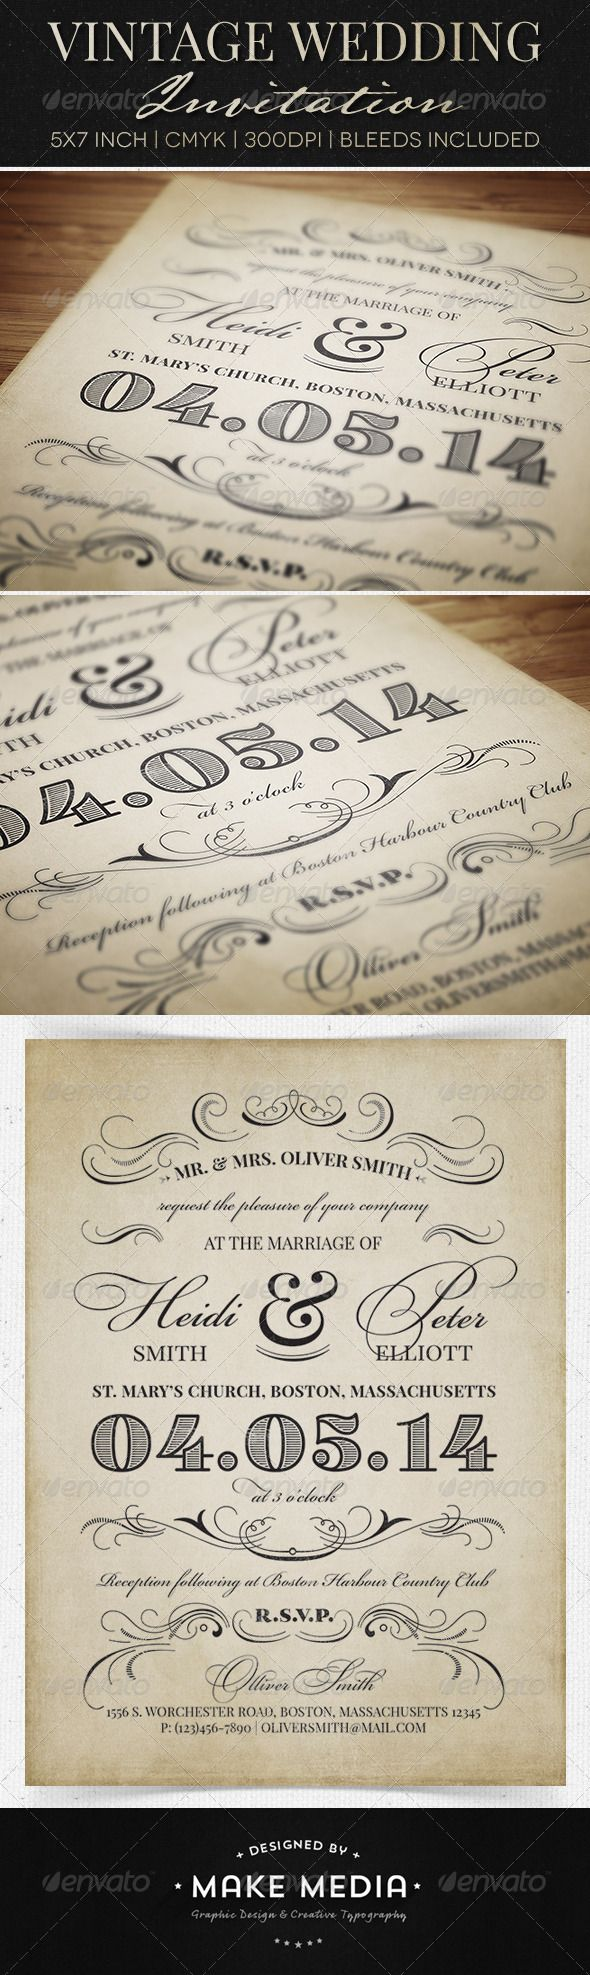 Vintage Wedding Invitation   Vintage wedding invitations, Vintage ...